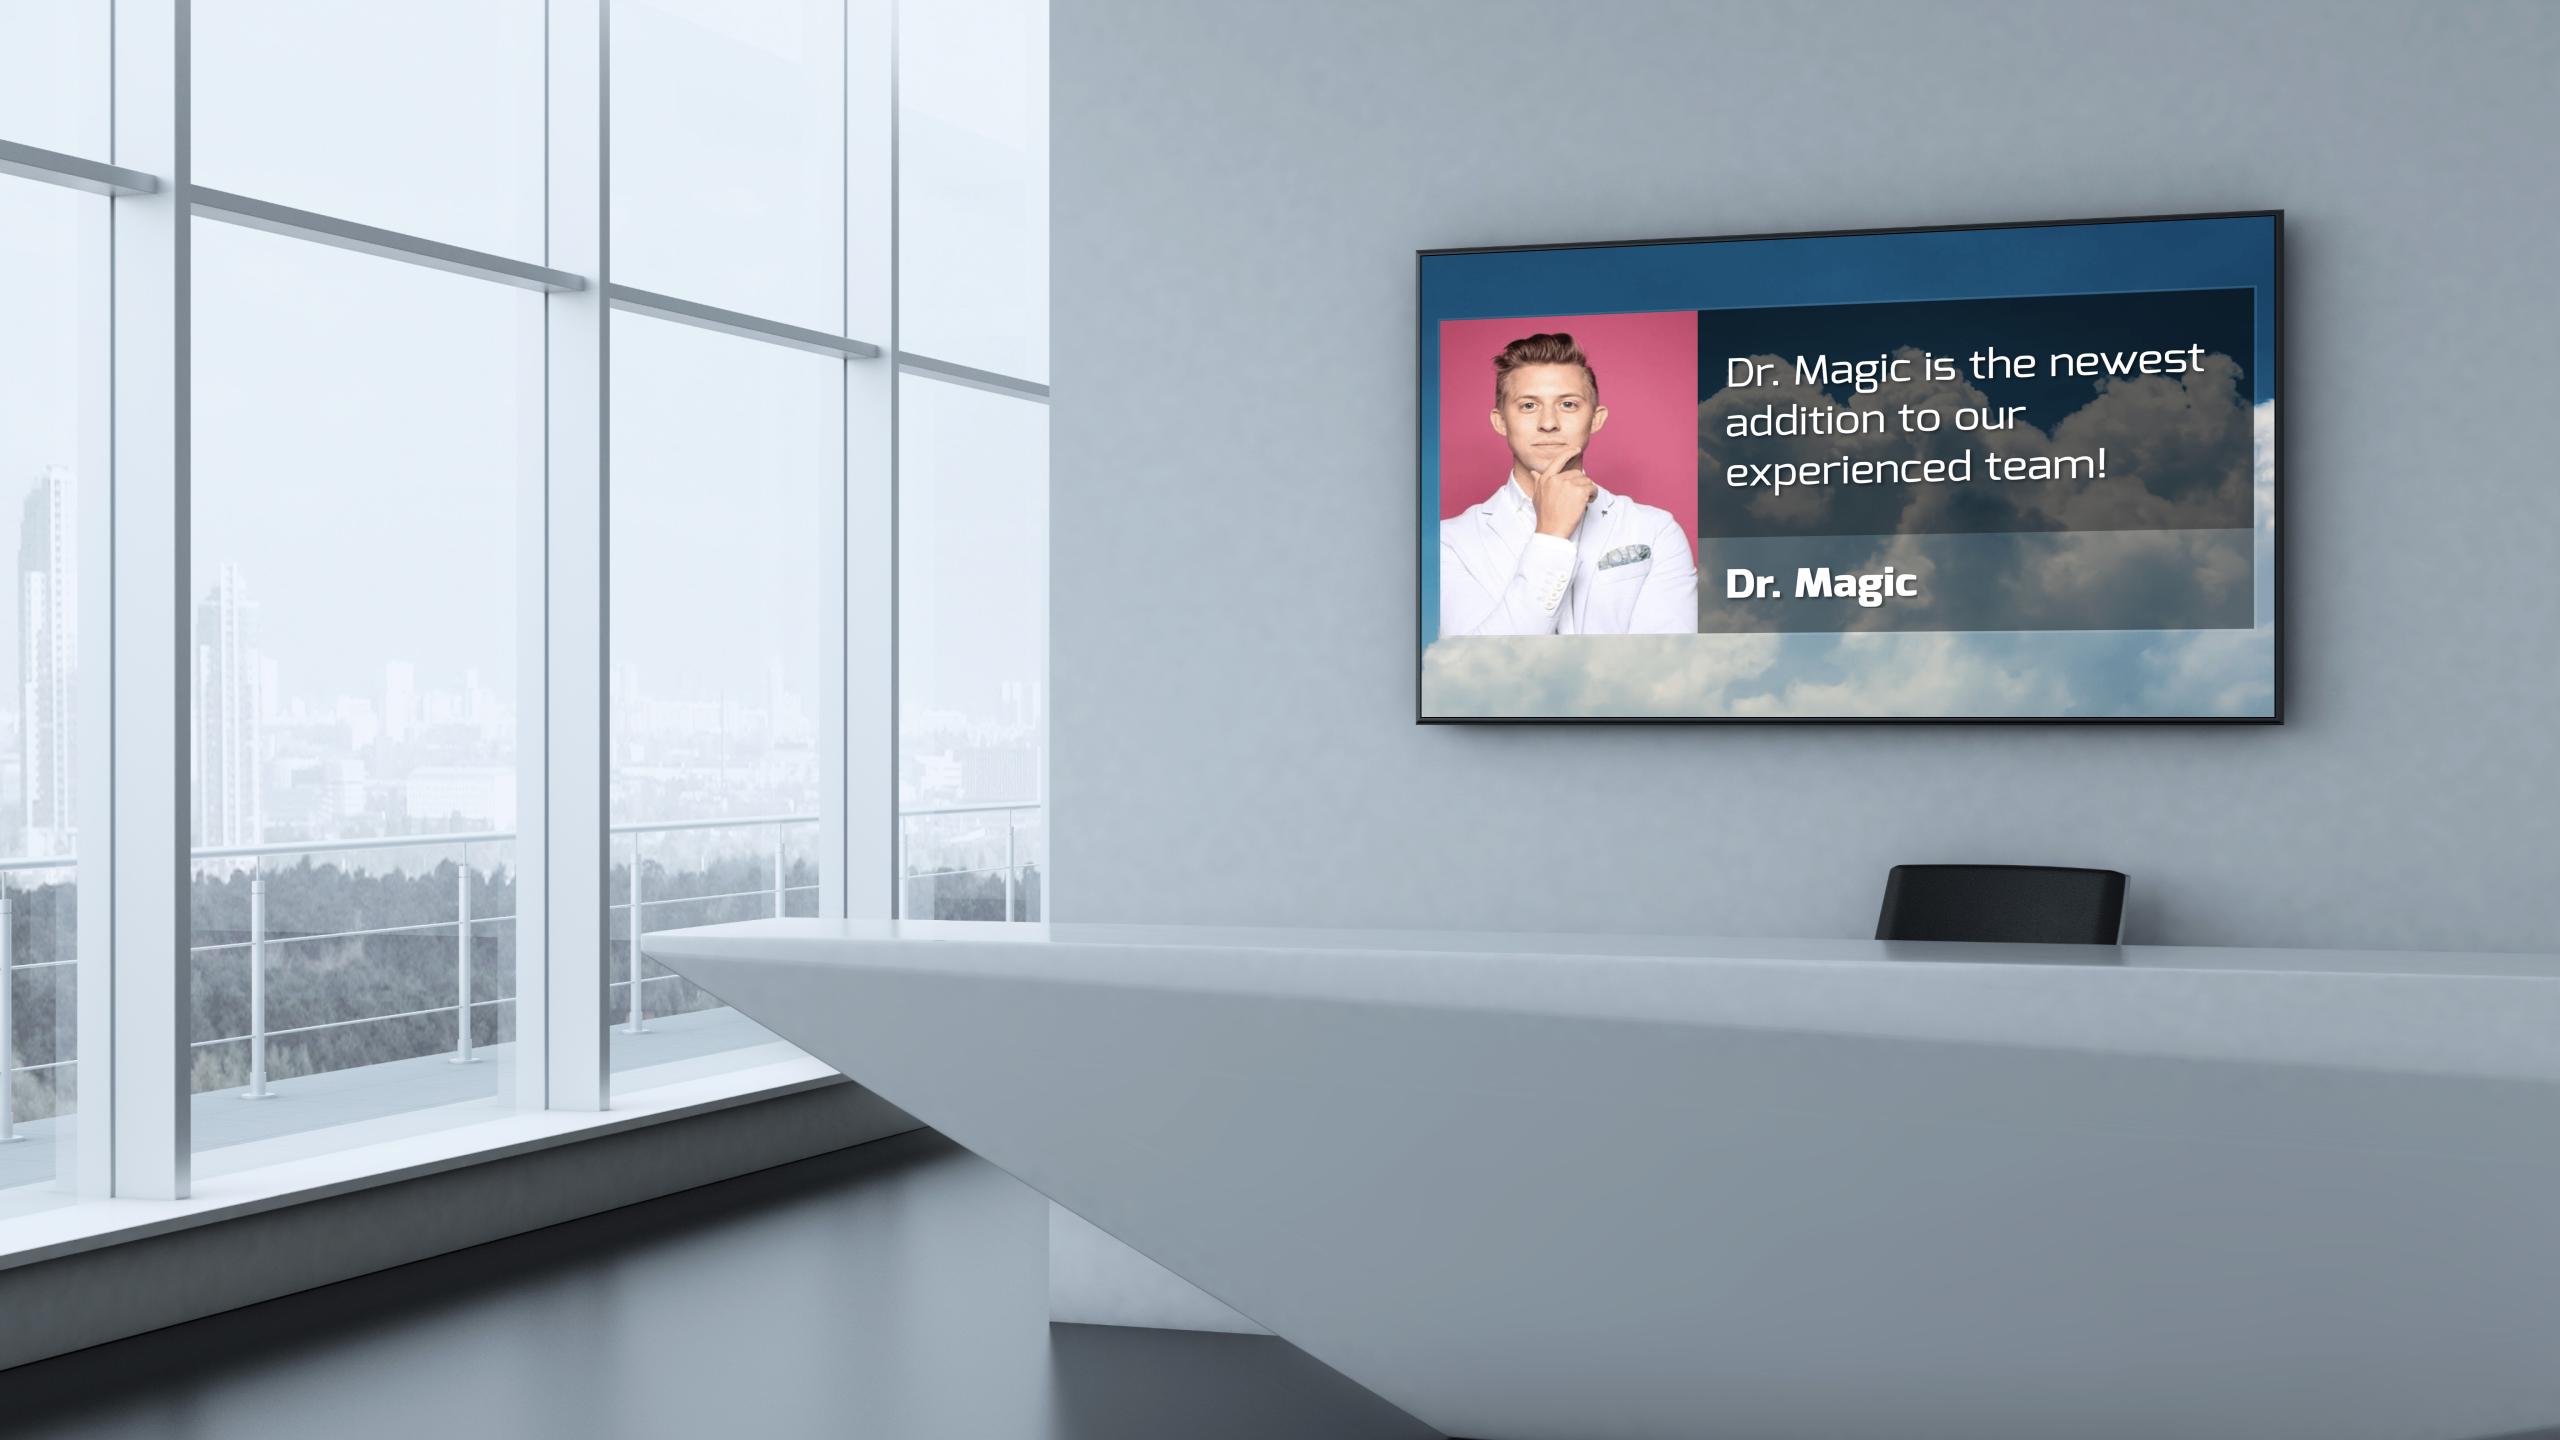 digital-signage-medical-office